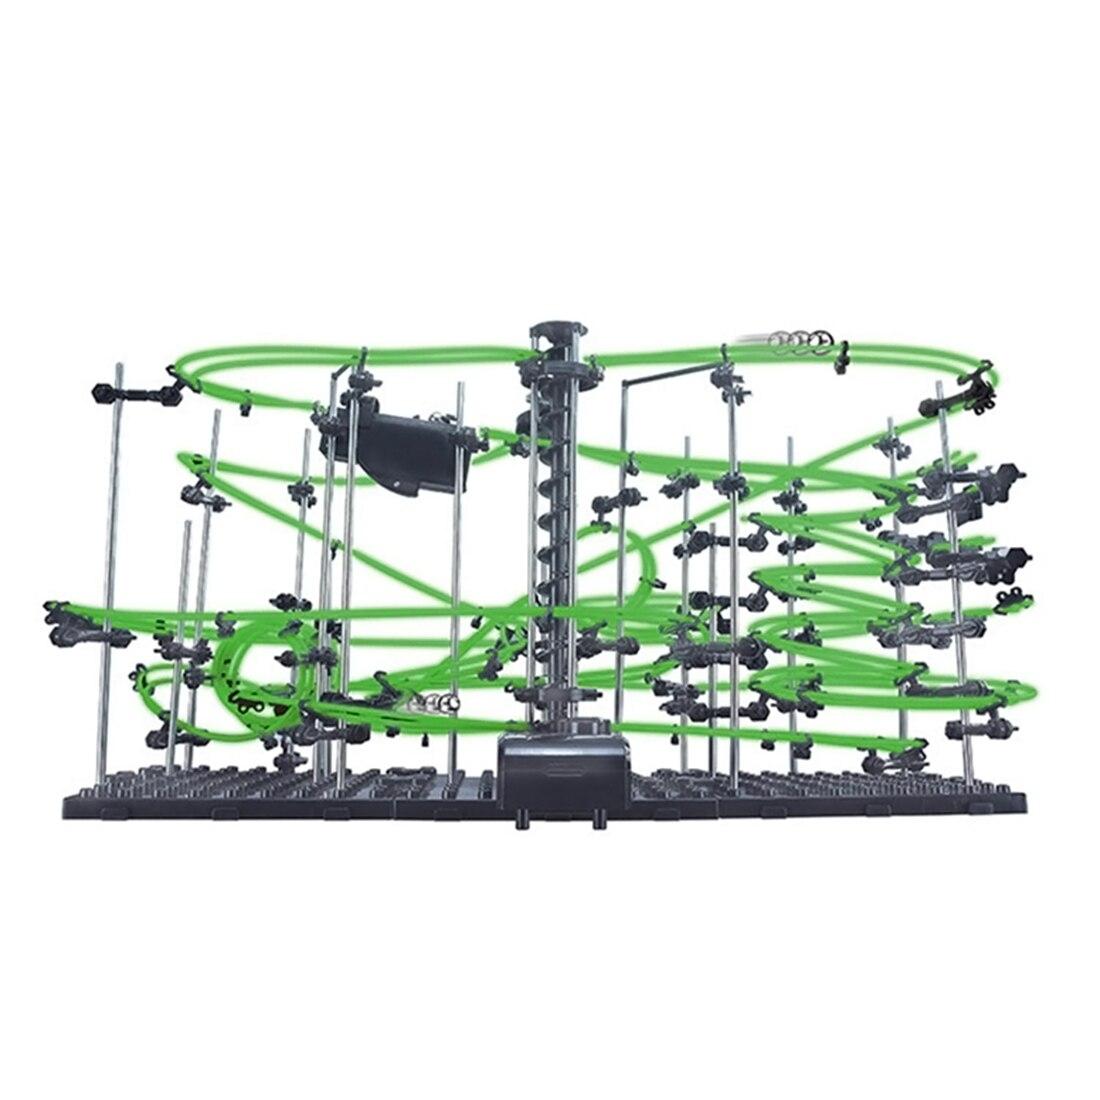 Espace Rail niveau 4 bricolage jouets éducatifs pour les enfants brillent dans les montagnes russes sombres avec des boules en acier 26000mm Kits de construction modèle